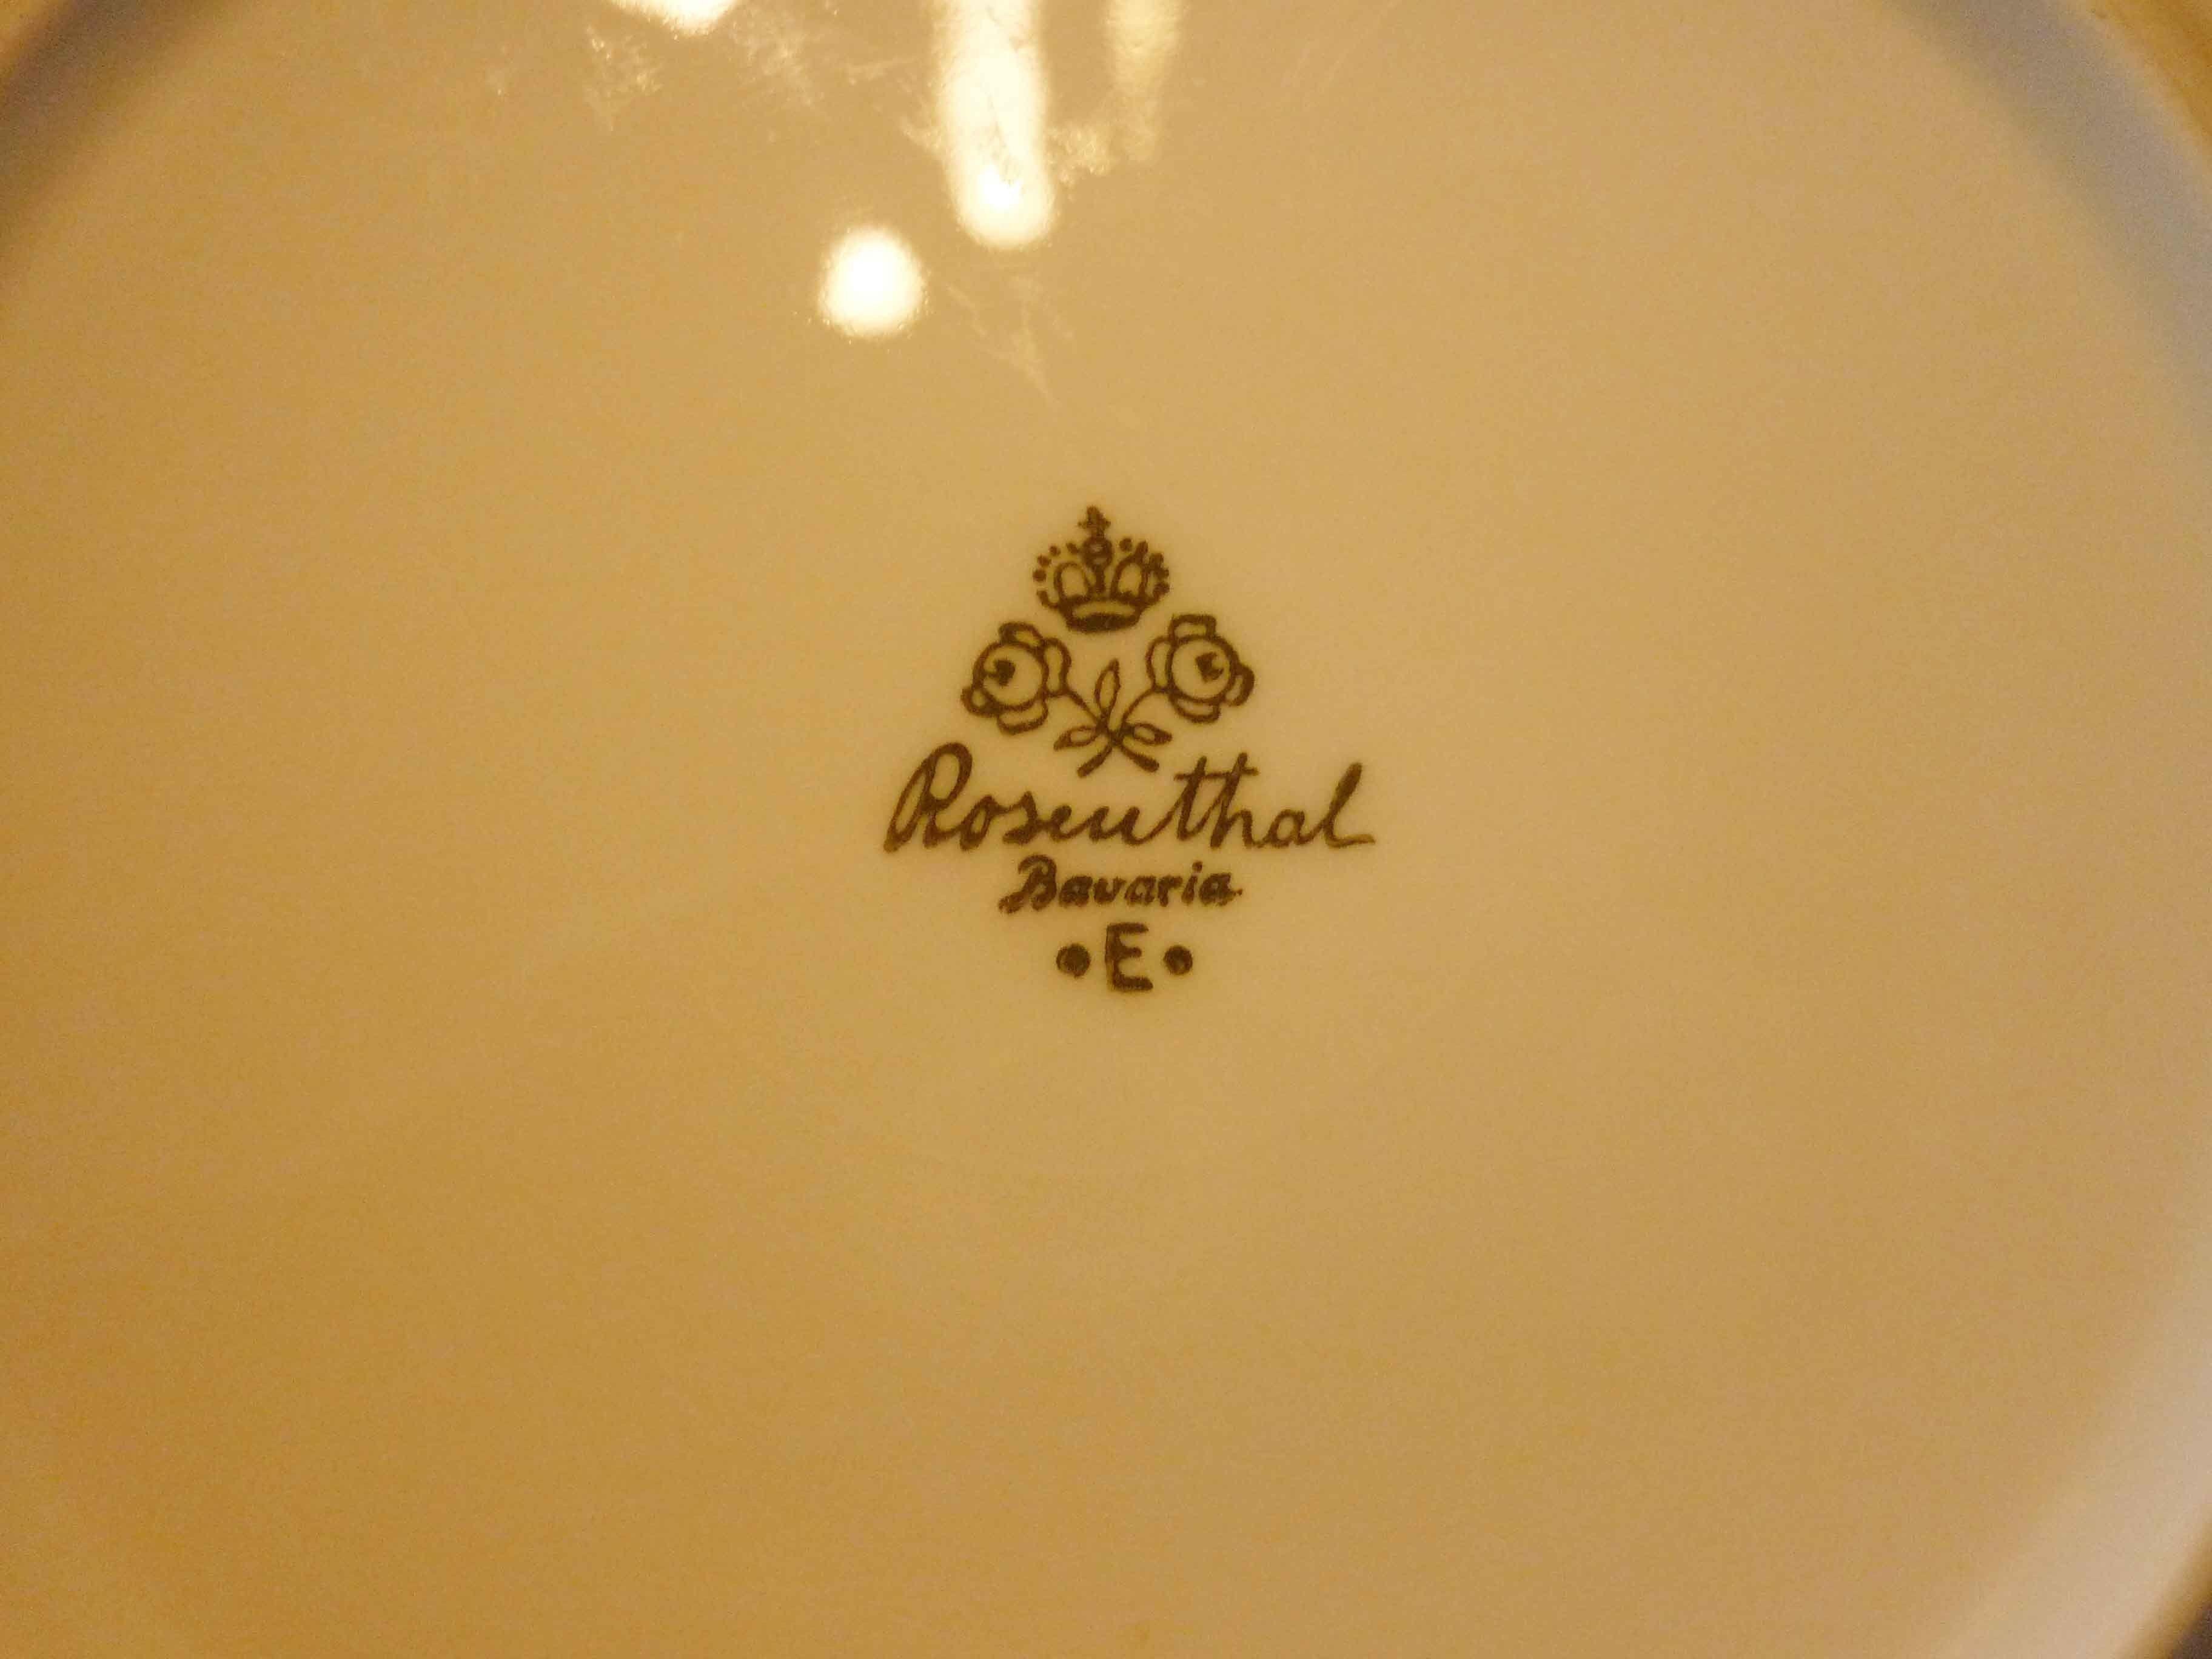 társkereső rosenthal porcelán jelek 400 kérdés, hogy megismerjék egymást,